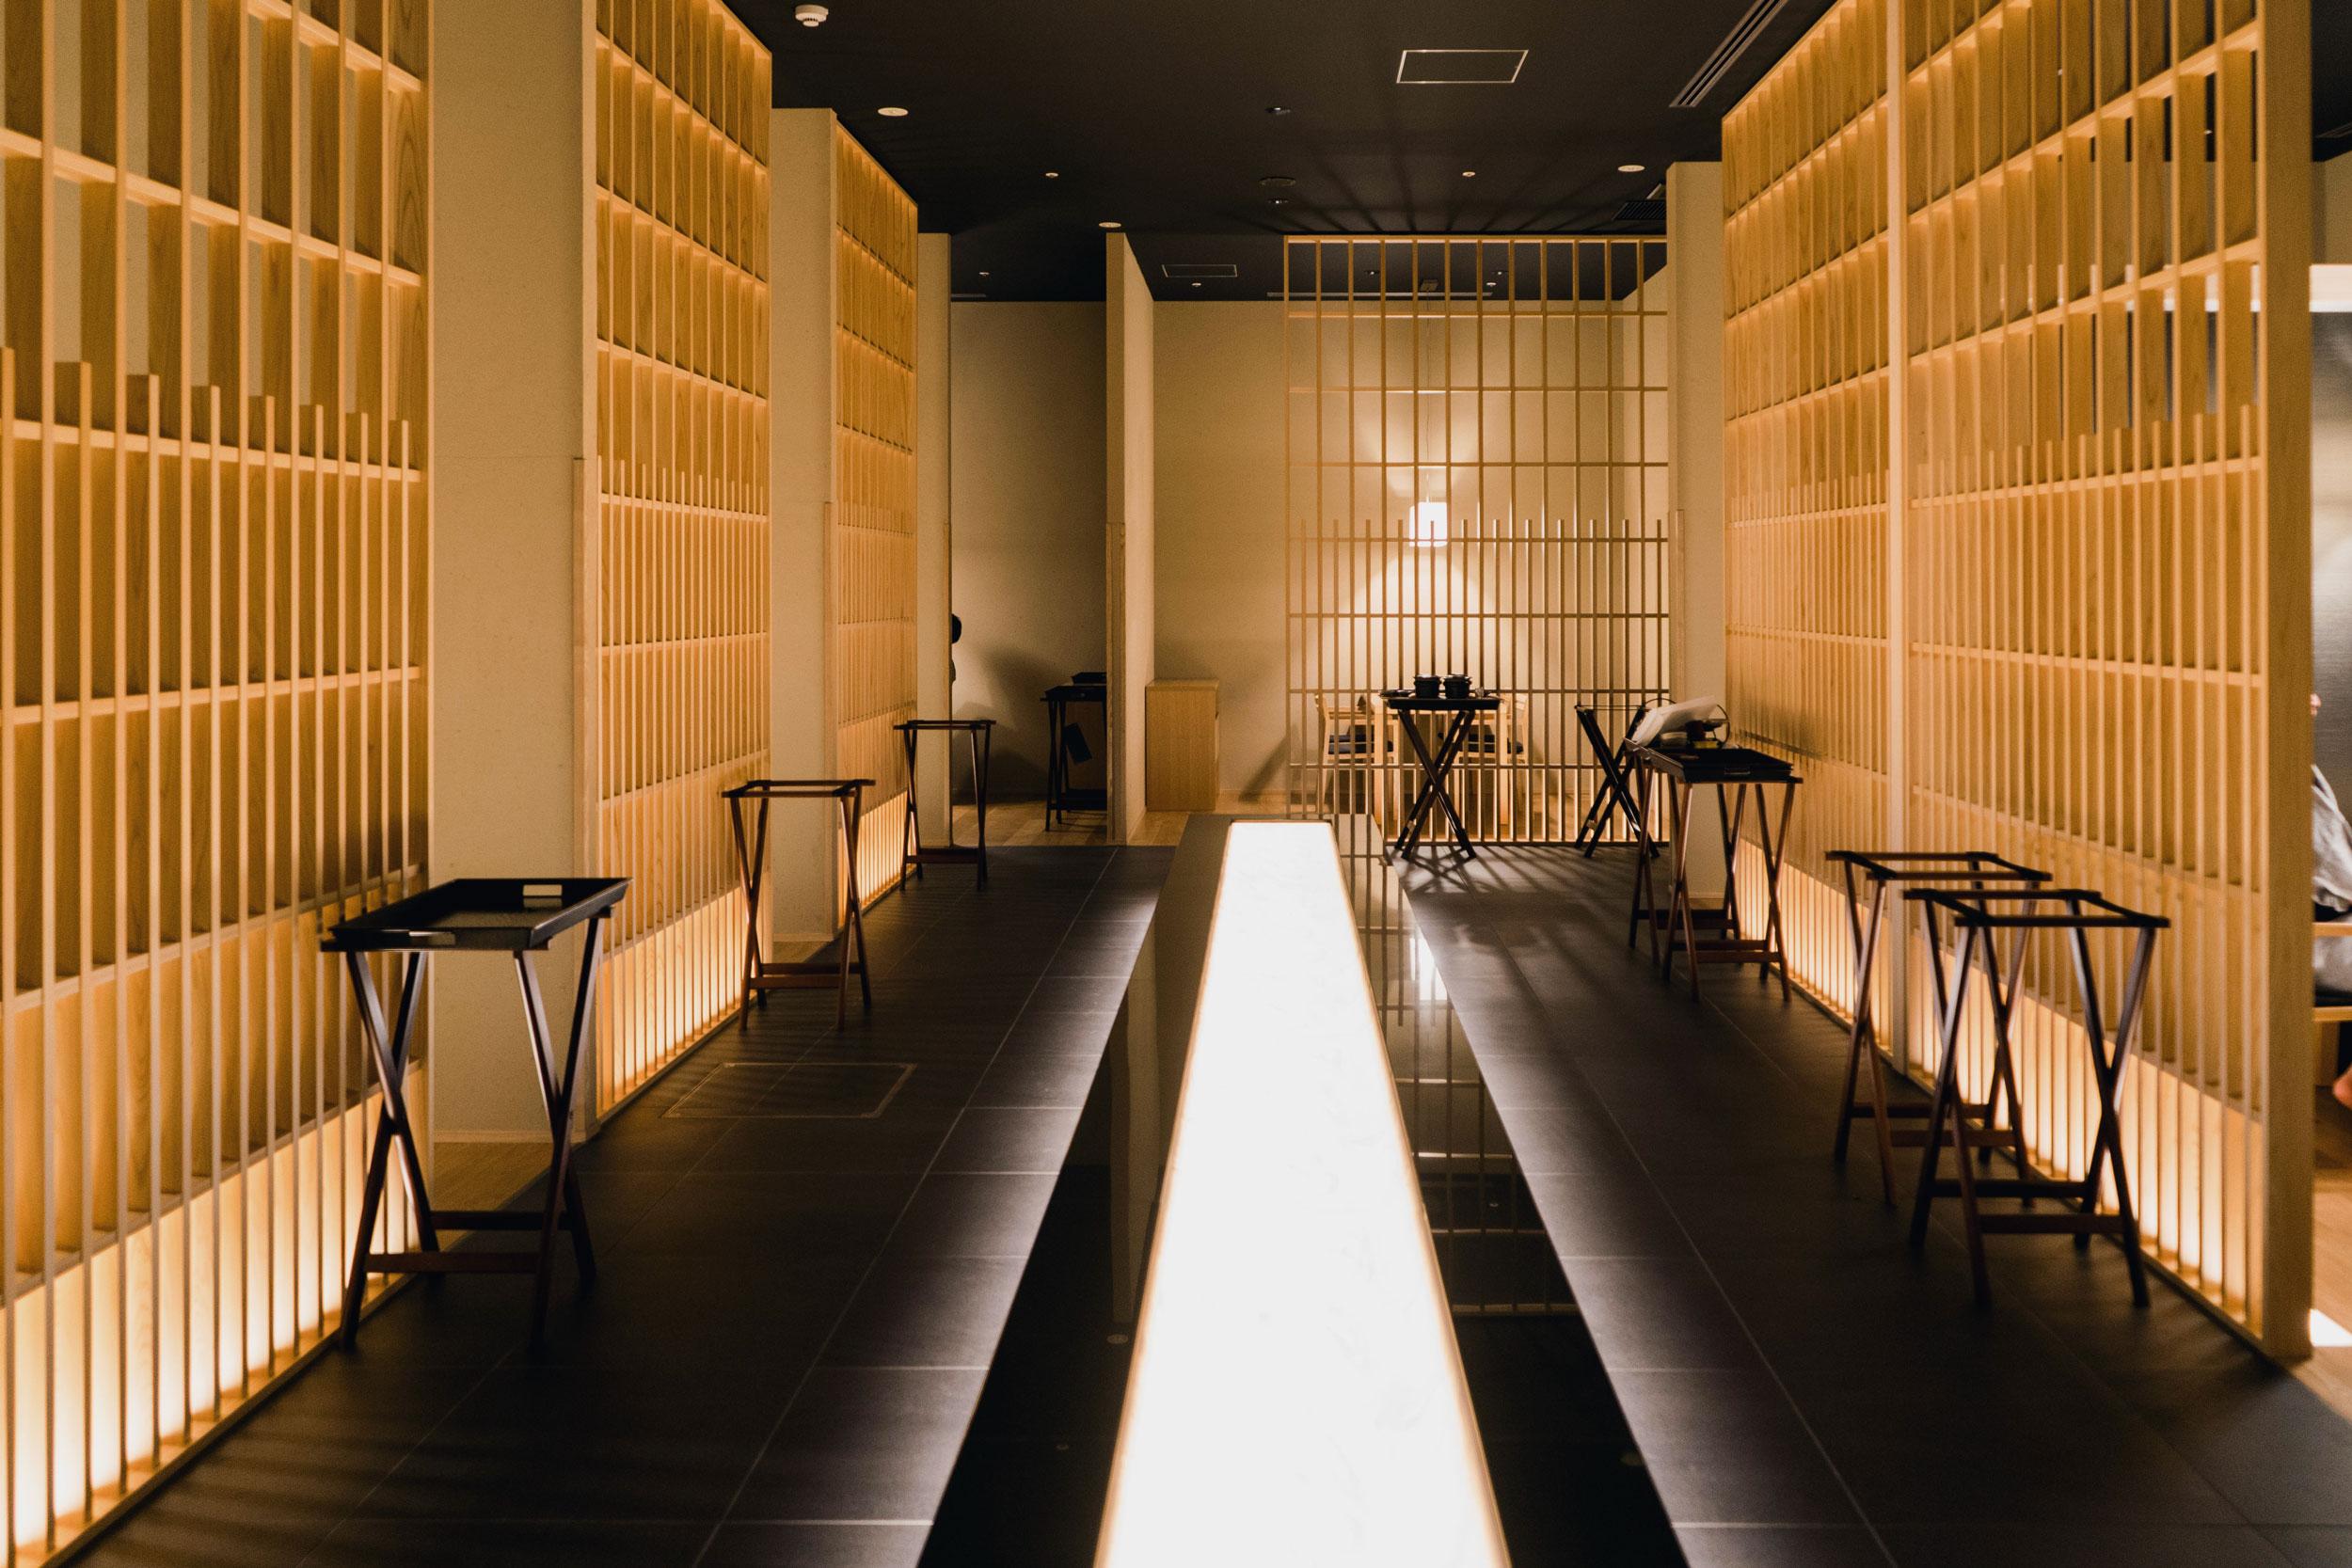 Shokujidokoro (dining hall)